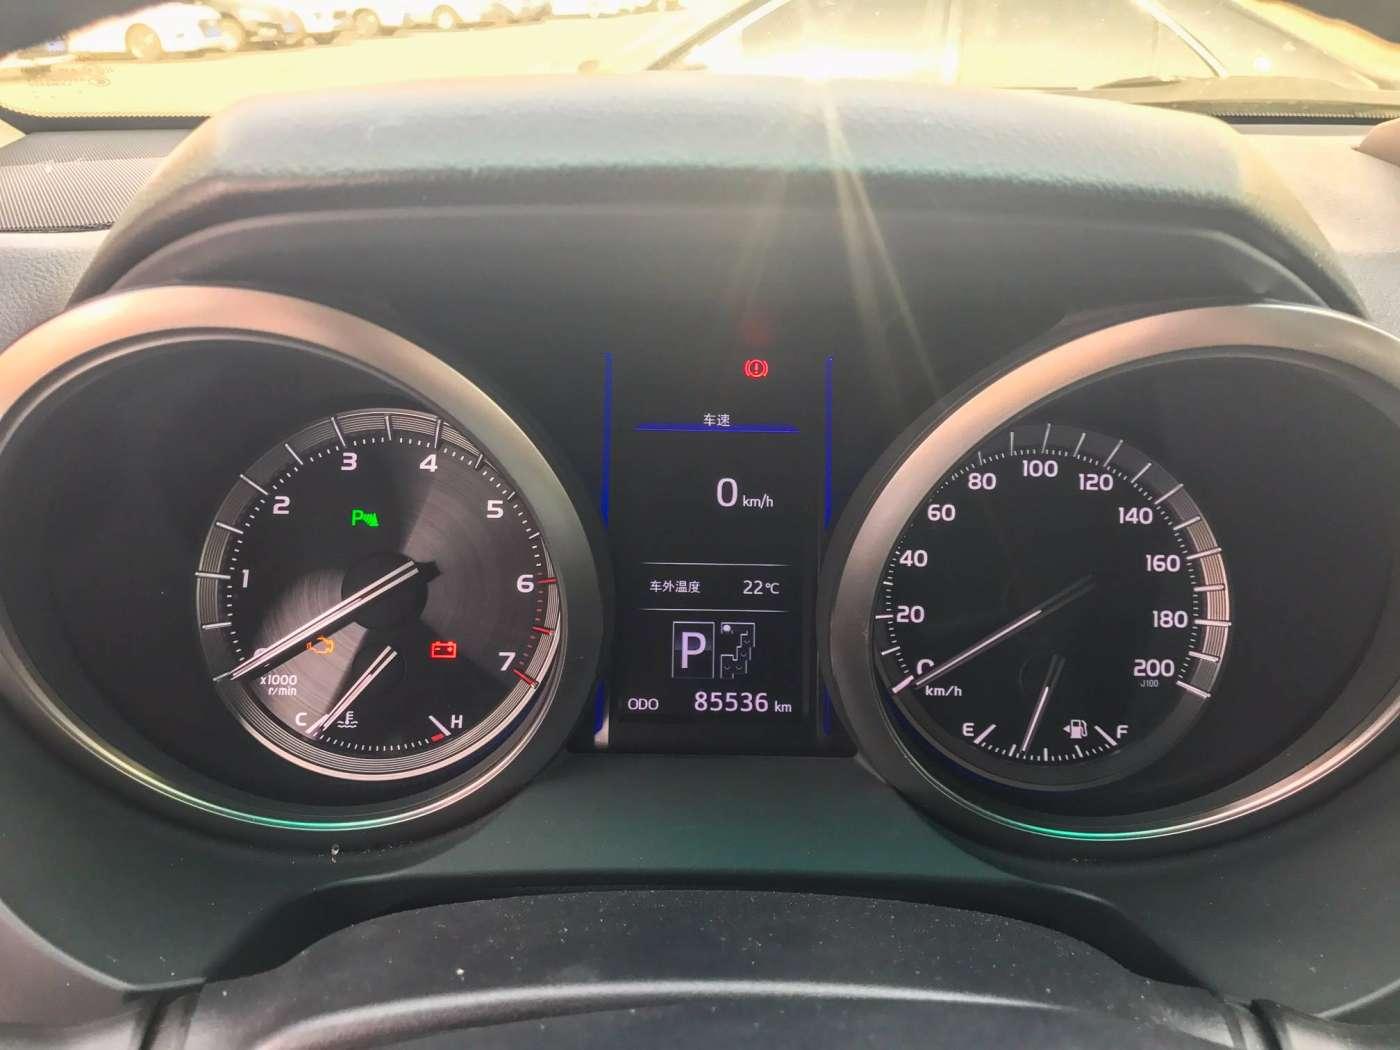 2014年03月 丰田 普拉多 2014款 4.0L TX-L NAVI 甄选丰田-北京卡斯基汽车服务有限公司